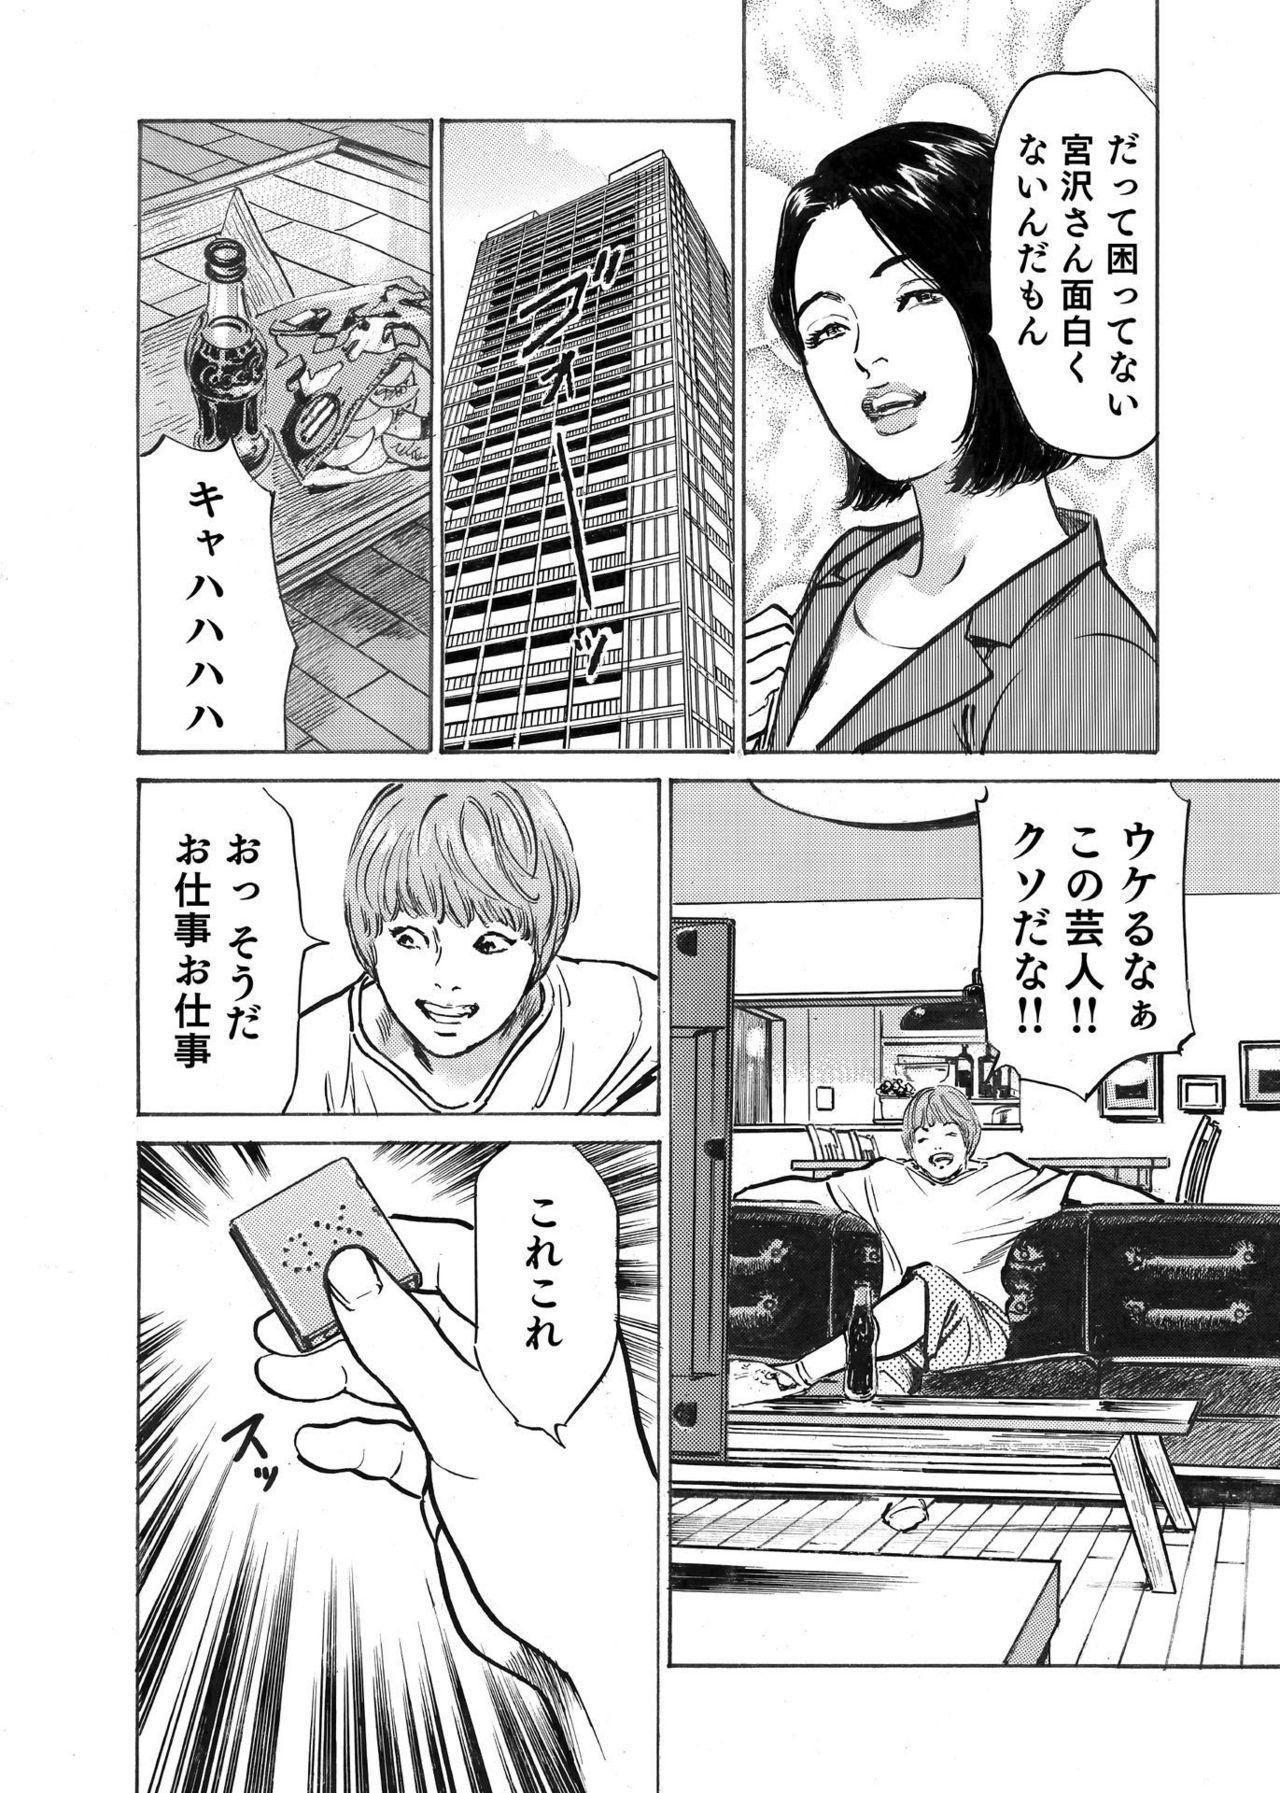 Ore wa Tsuma no Koto o Yoku Shiranai 1-9 92